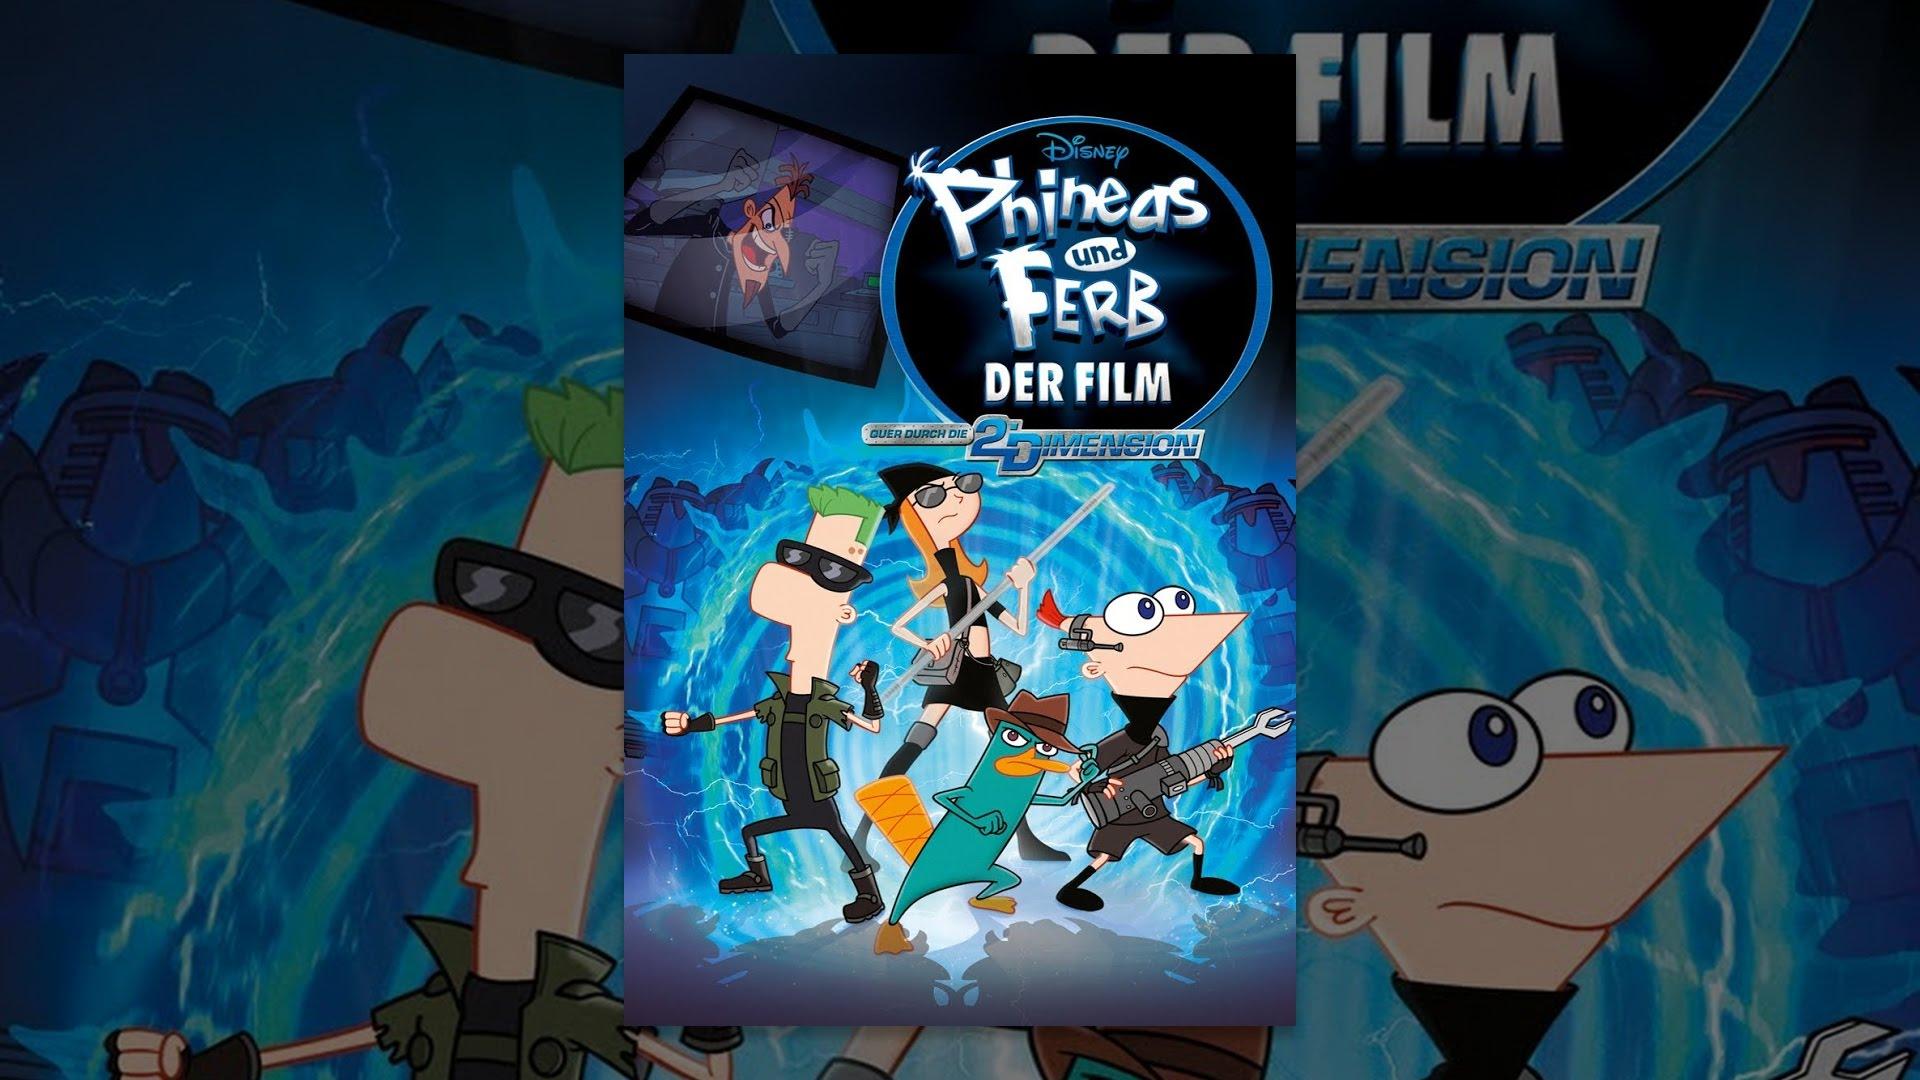 Phineas Und Ferb Der Film